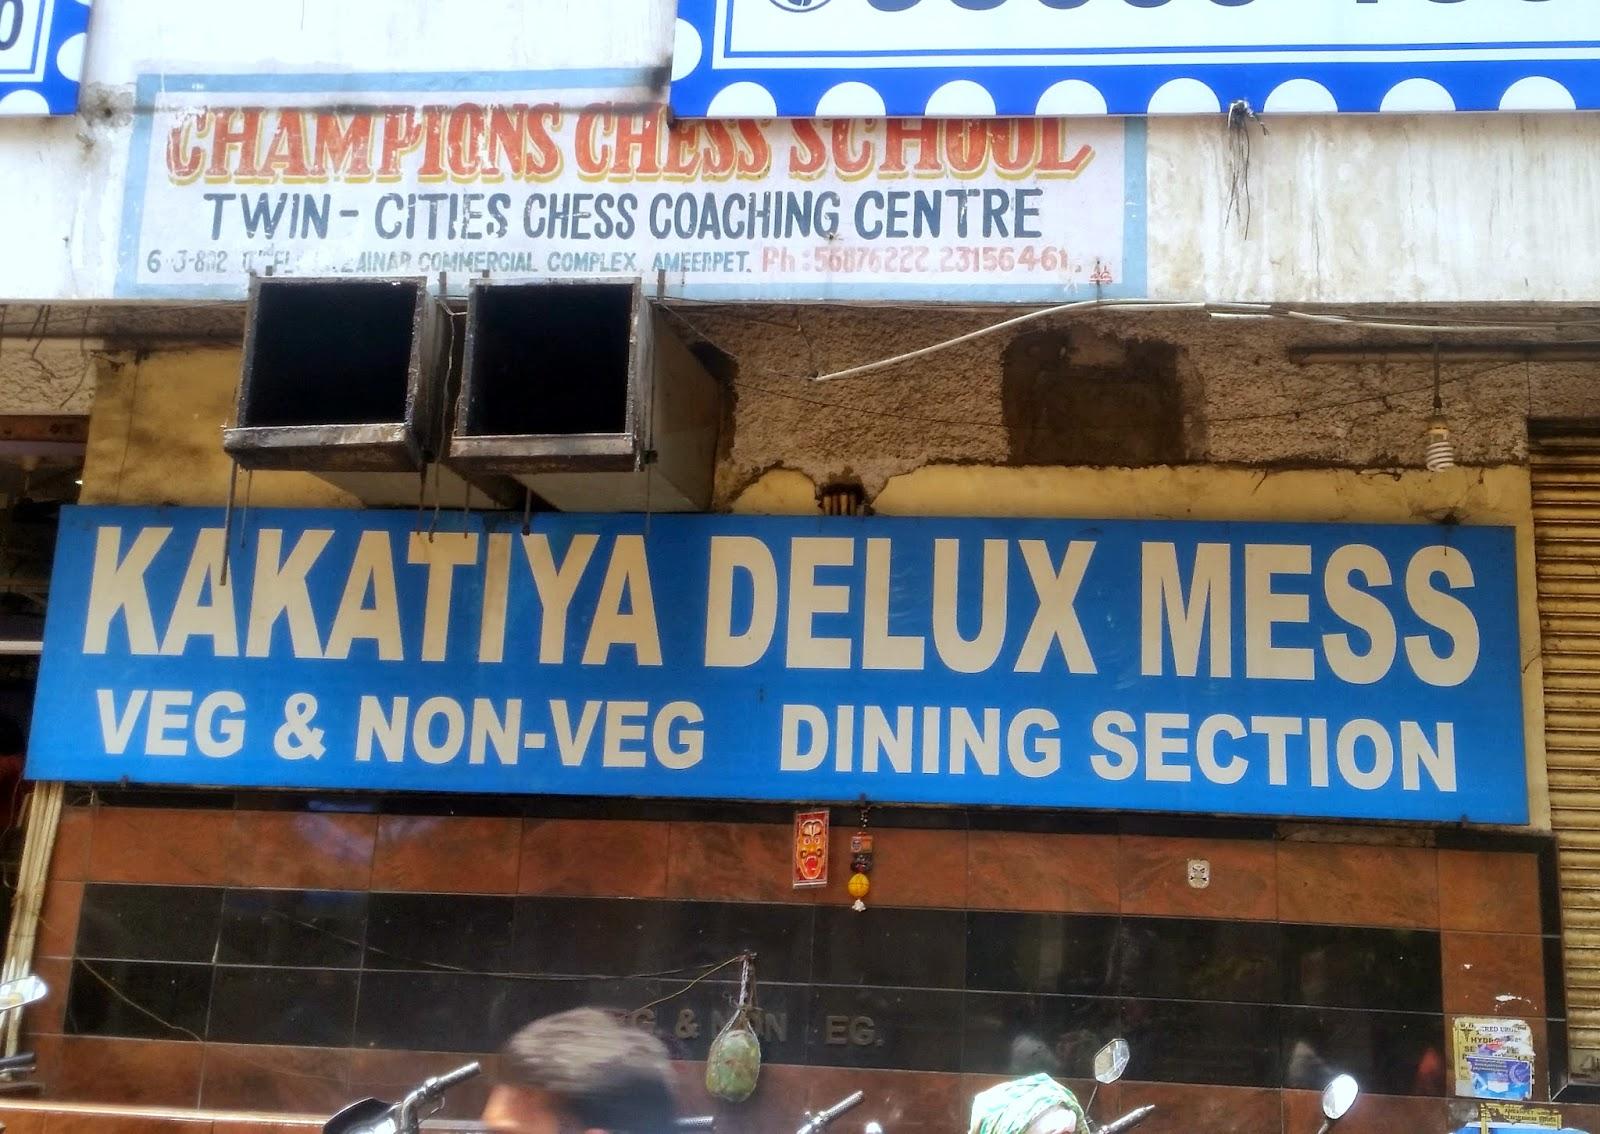 Kakatiya Deluxe Mess